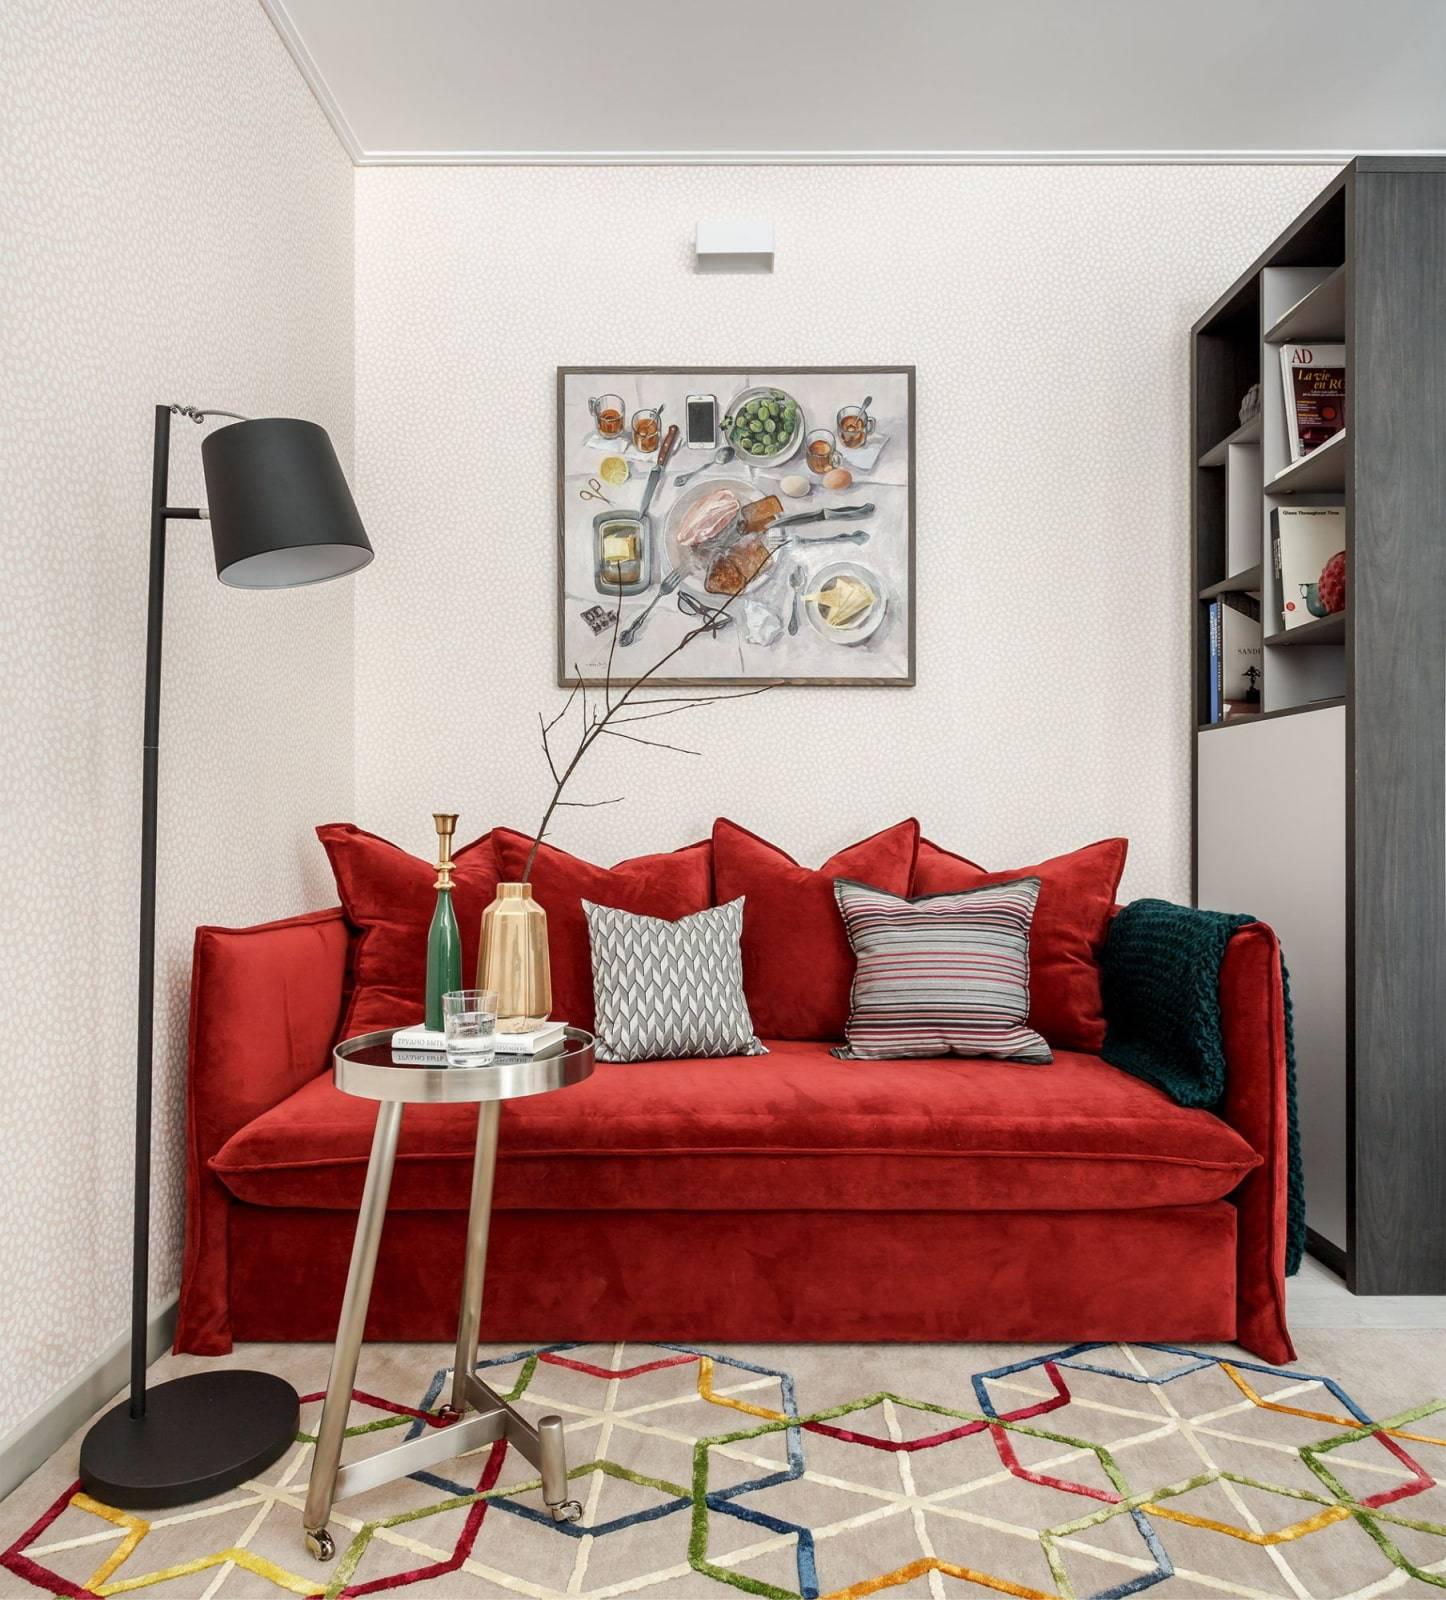 Как выбрать цвет обивки дивана